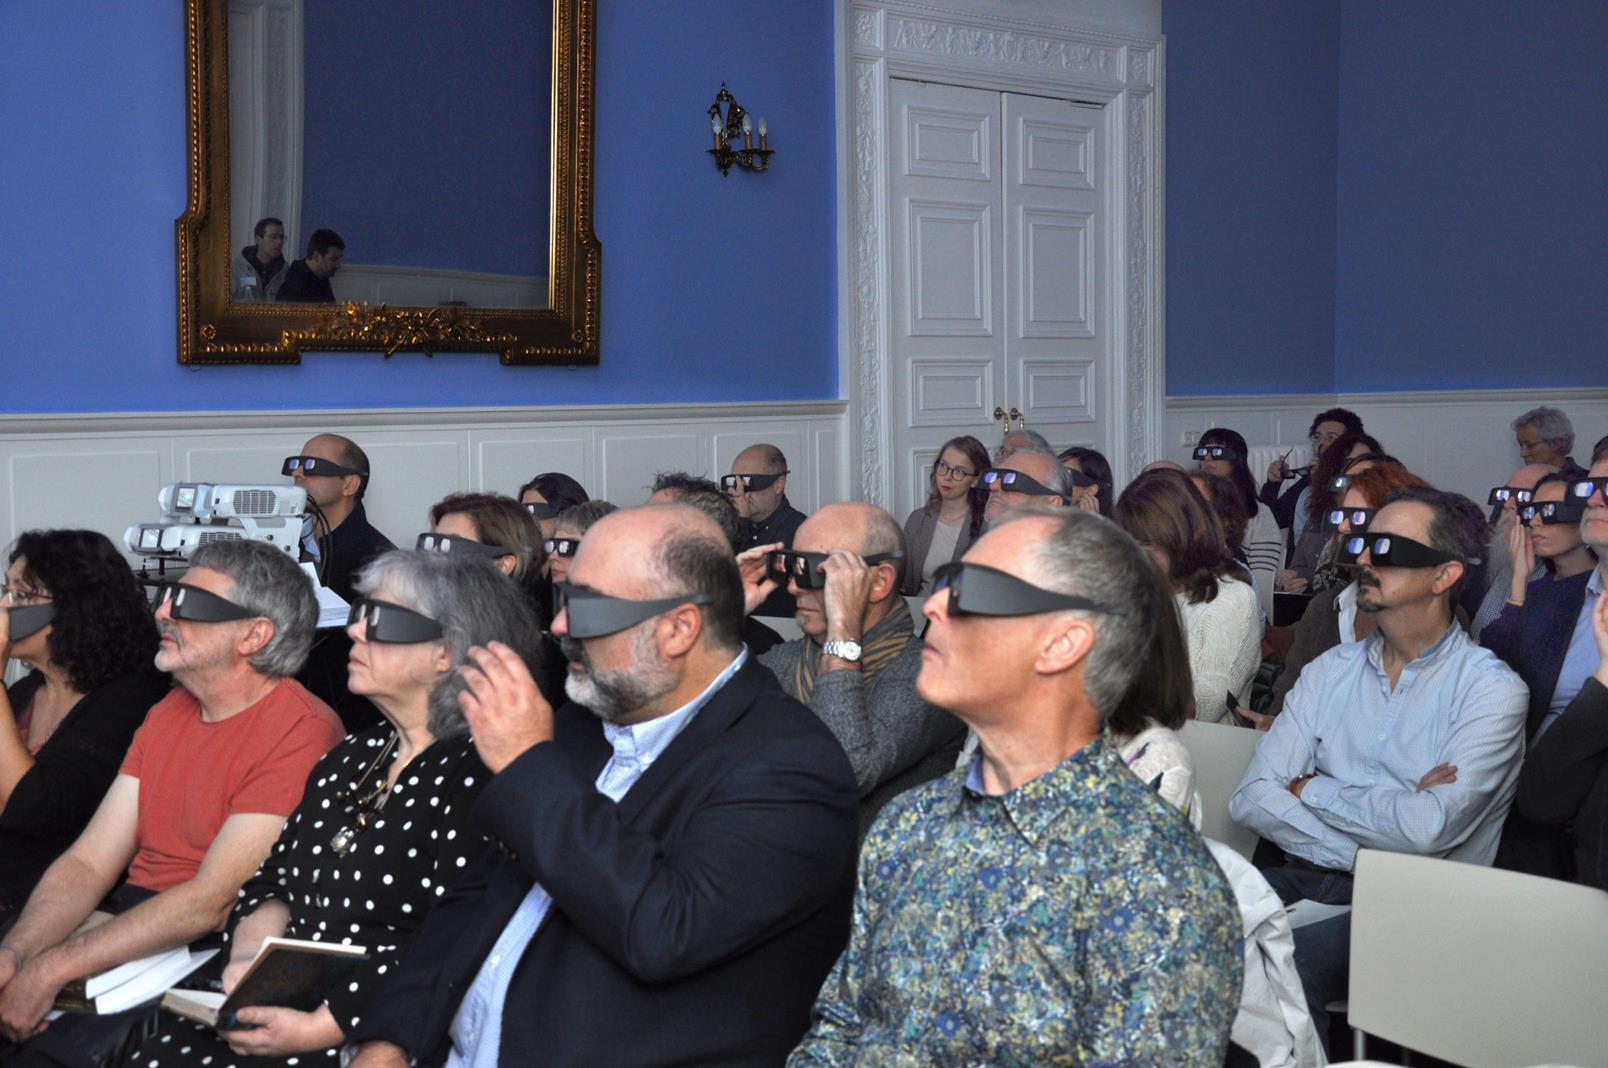 Asistentes disfrutando de una proyección 3D. 23/10/19